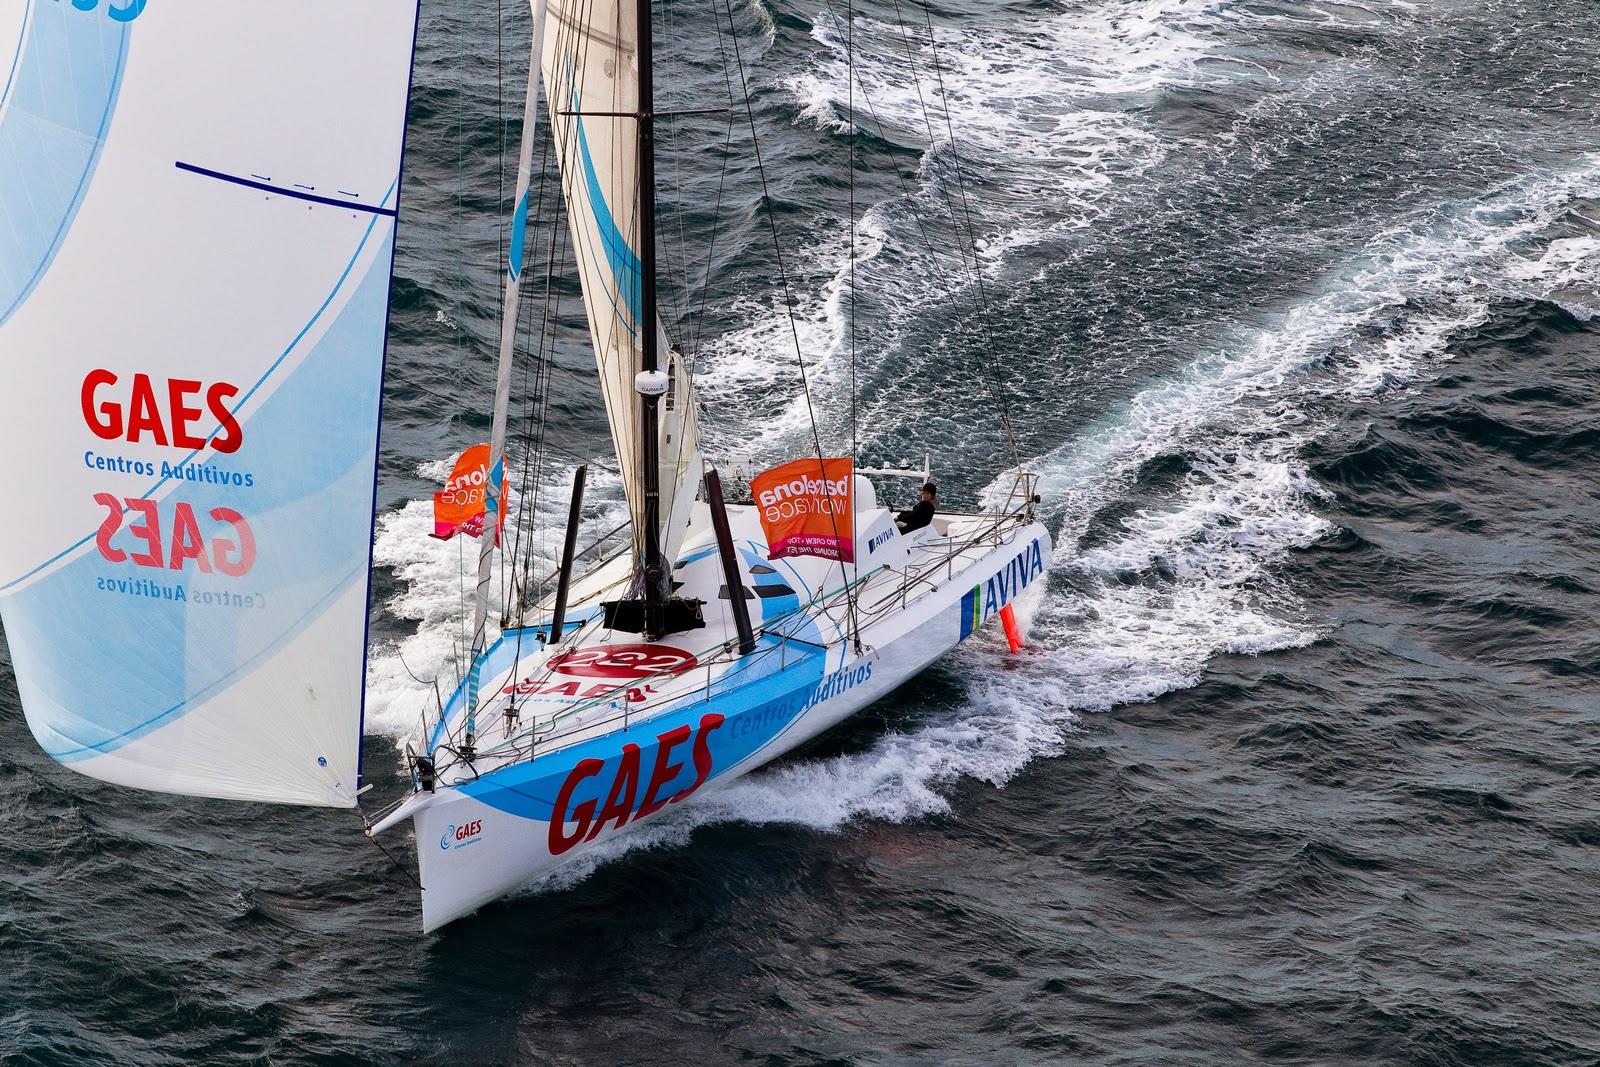 GAES, ici sur la Barcelona World Race 2010-11, bientot dans les mains d'Alessandro di Benedetto.